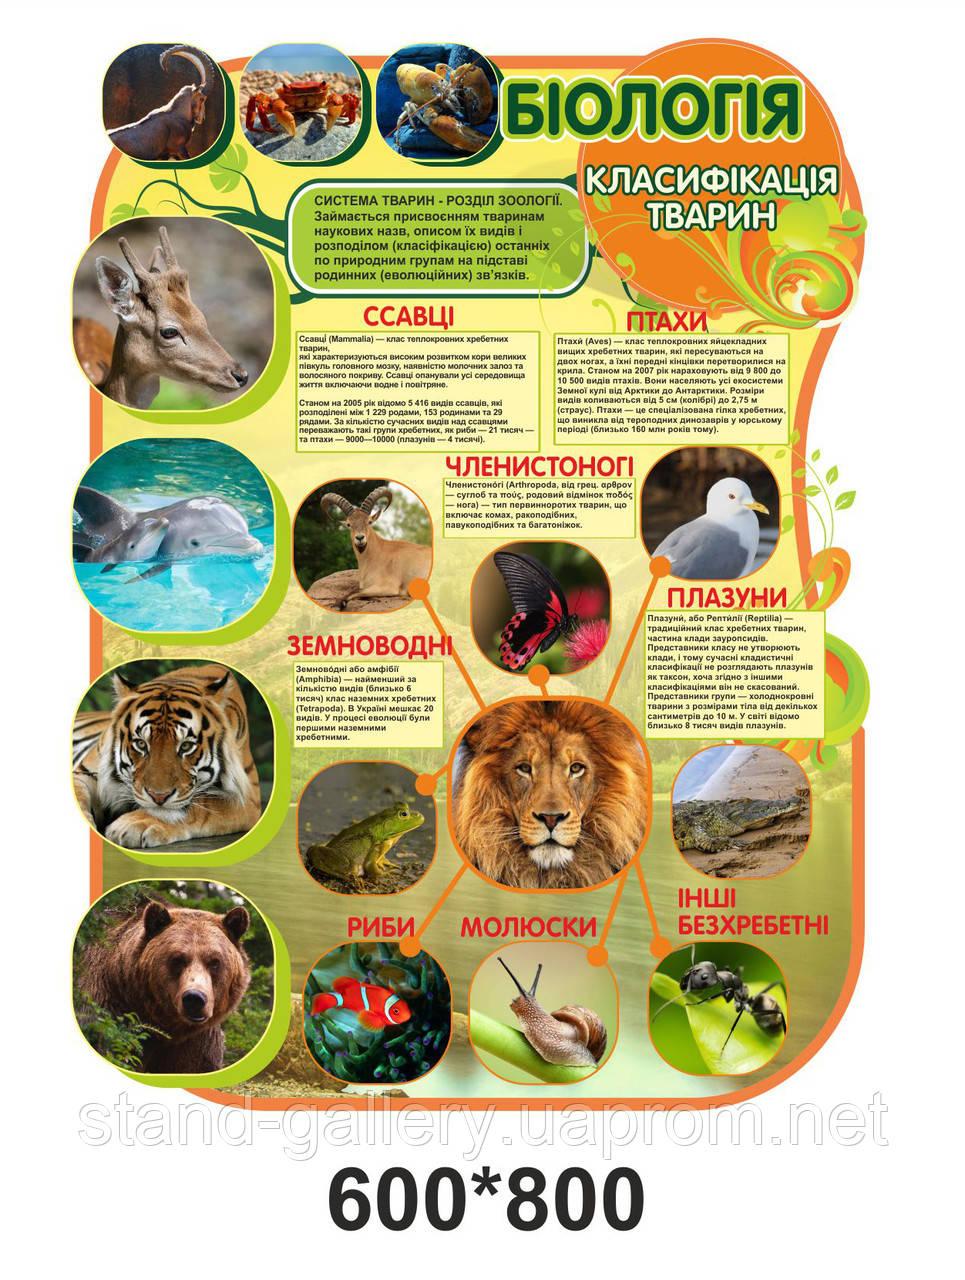 Оформлення кабінету біології: класифікація тварин